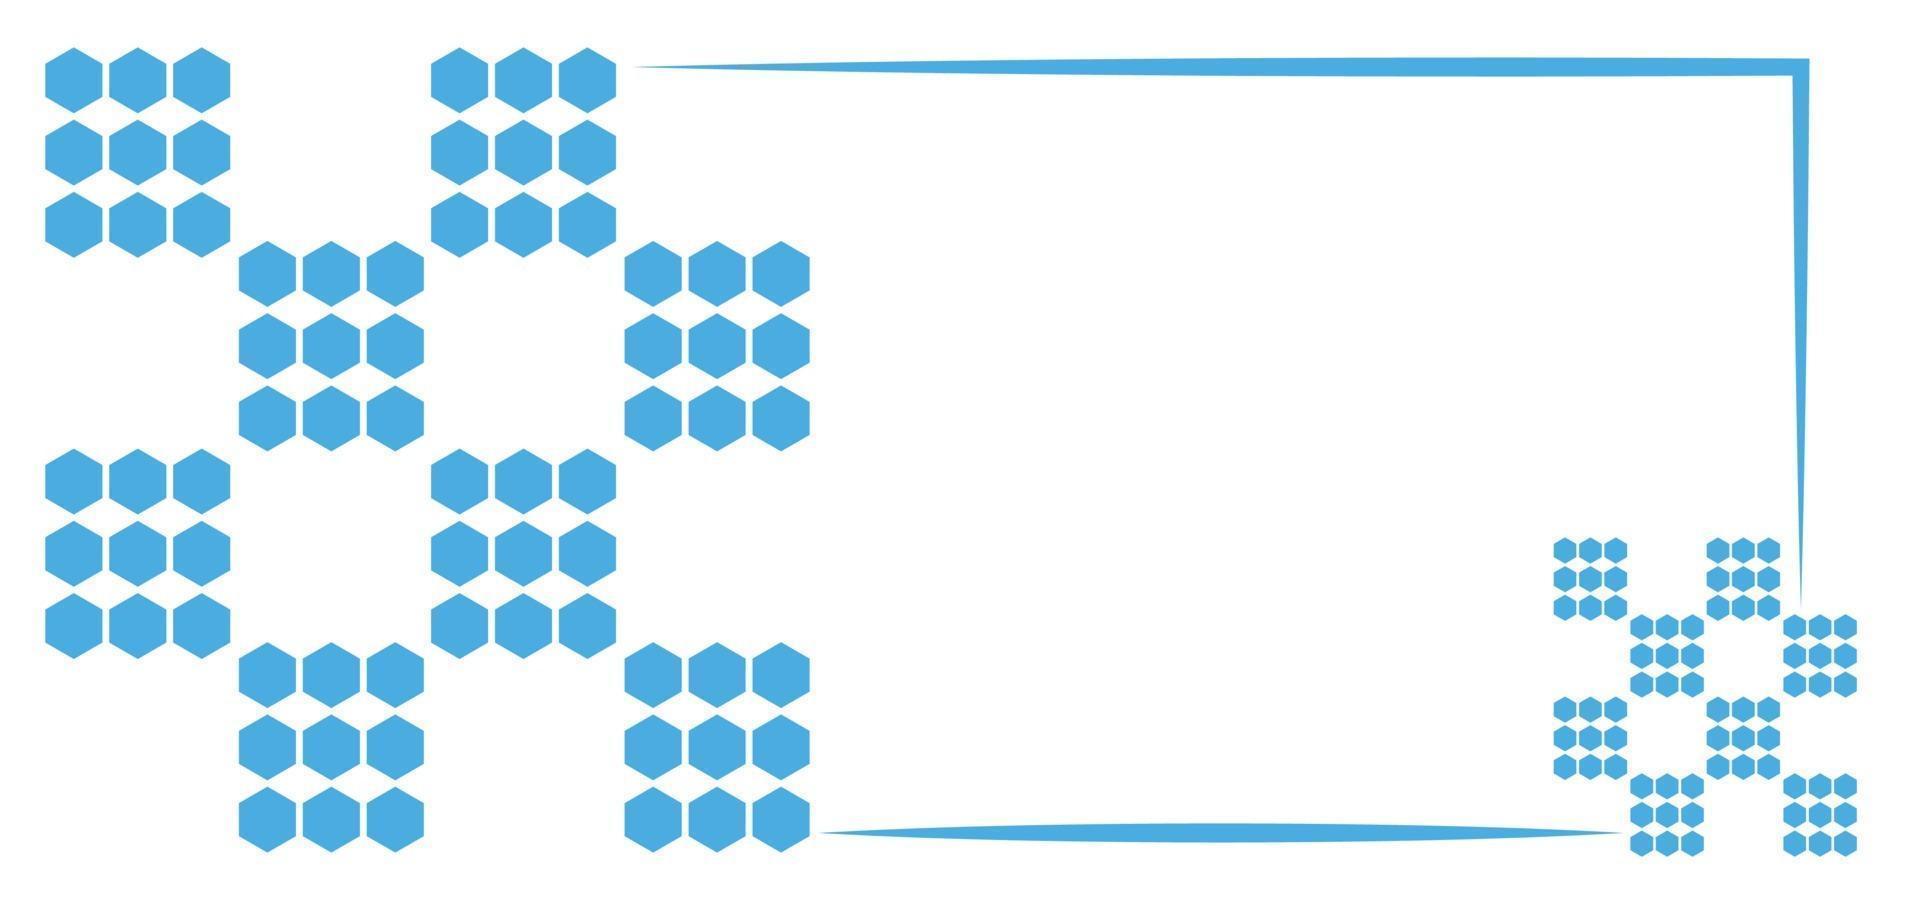 blauwe stippen eenvoudige achtergrond of banner vector